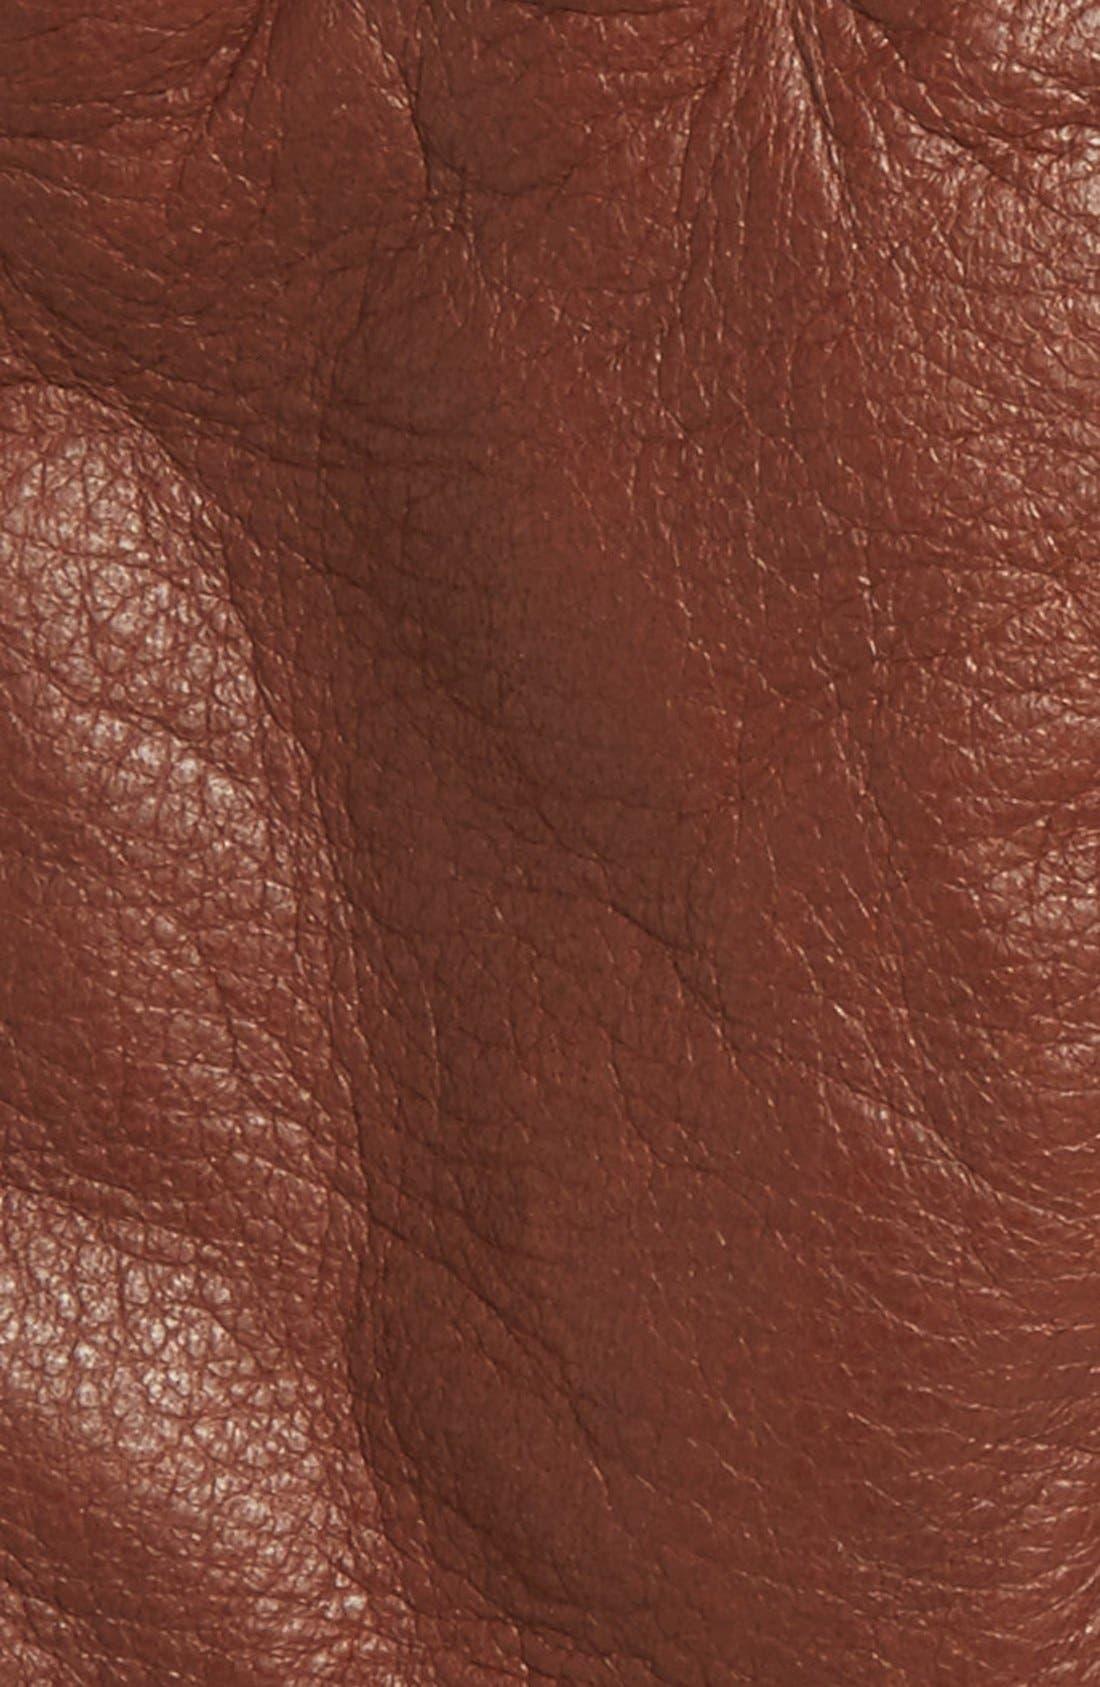 Utsjo Leather Gloves,                             Alternate thumbnail 2, color,                             Chestnut